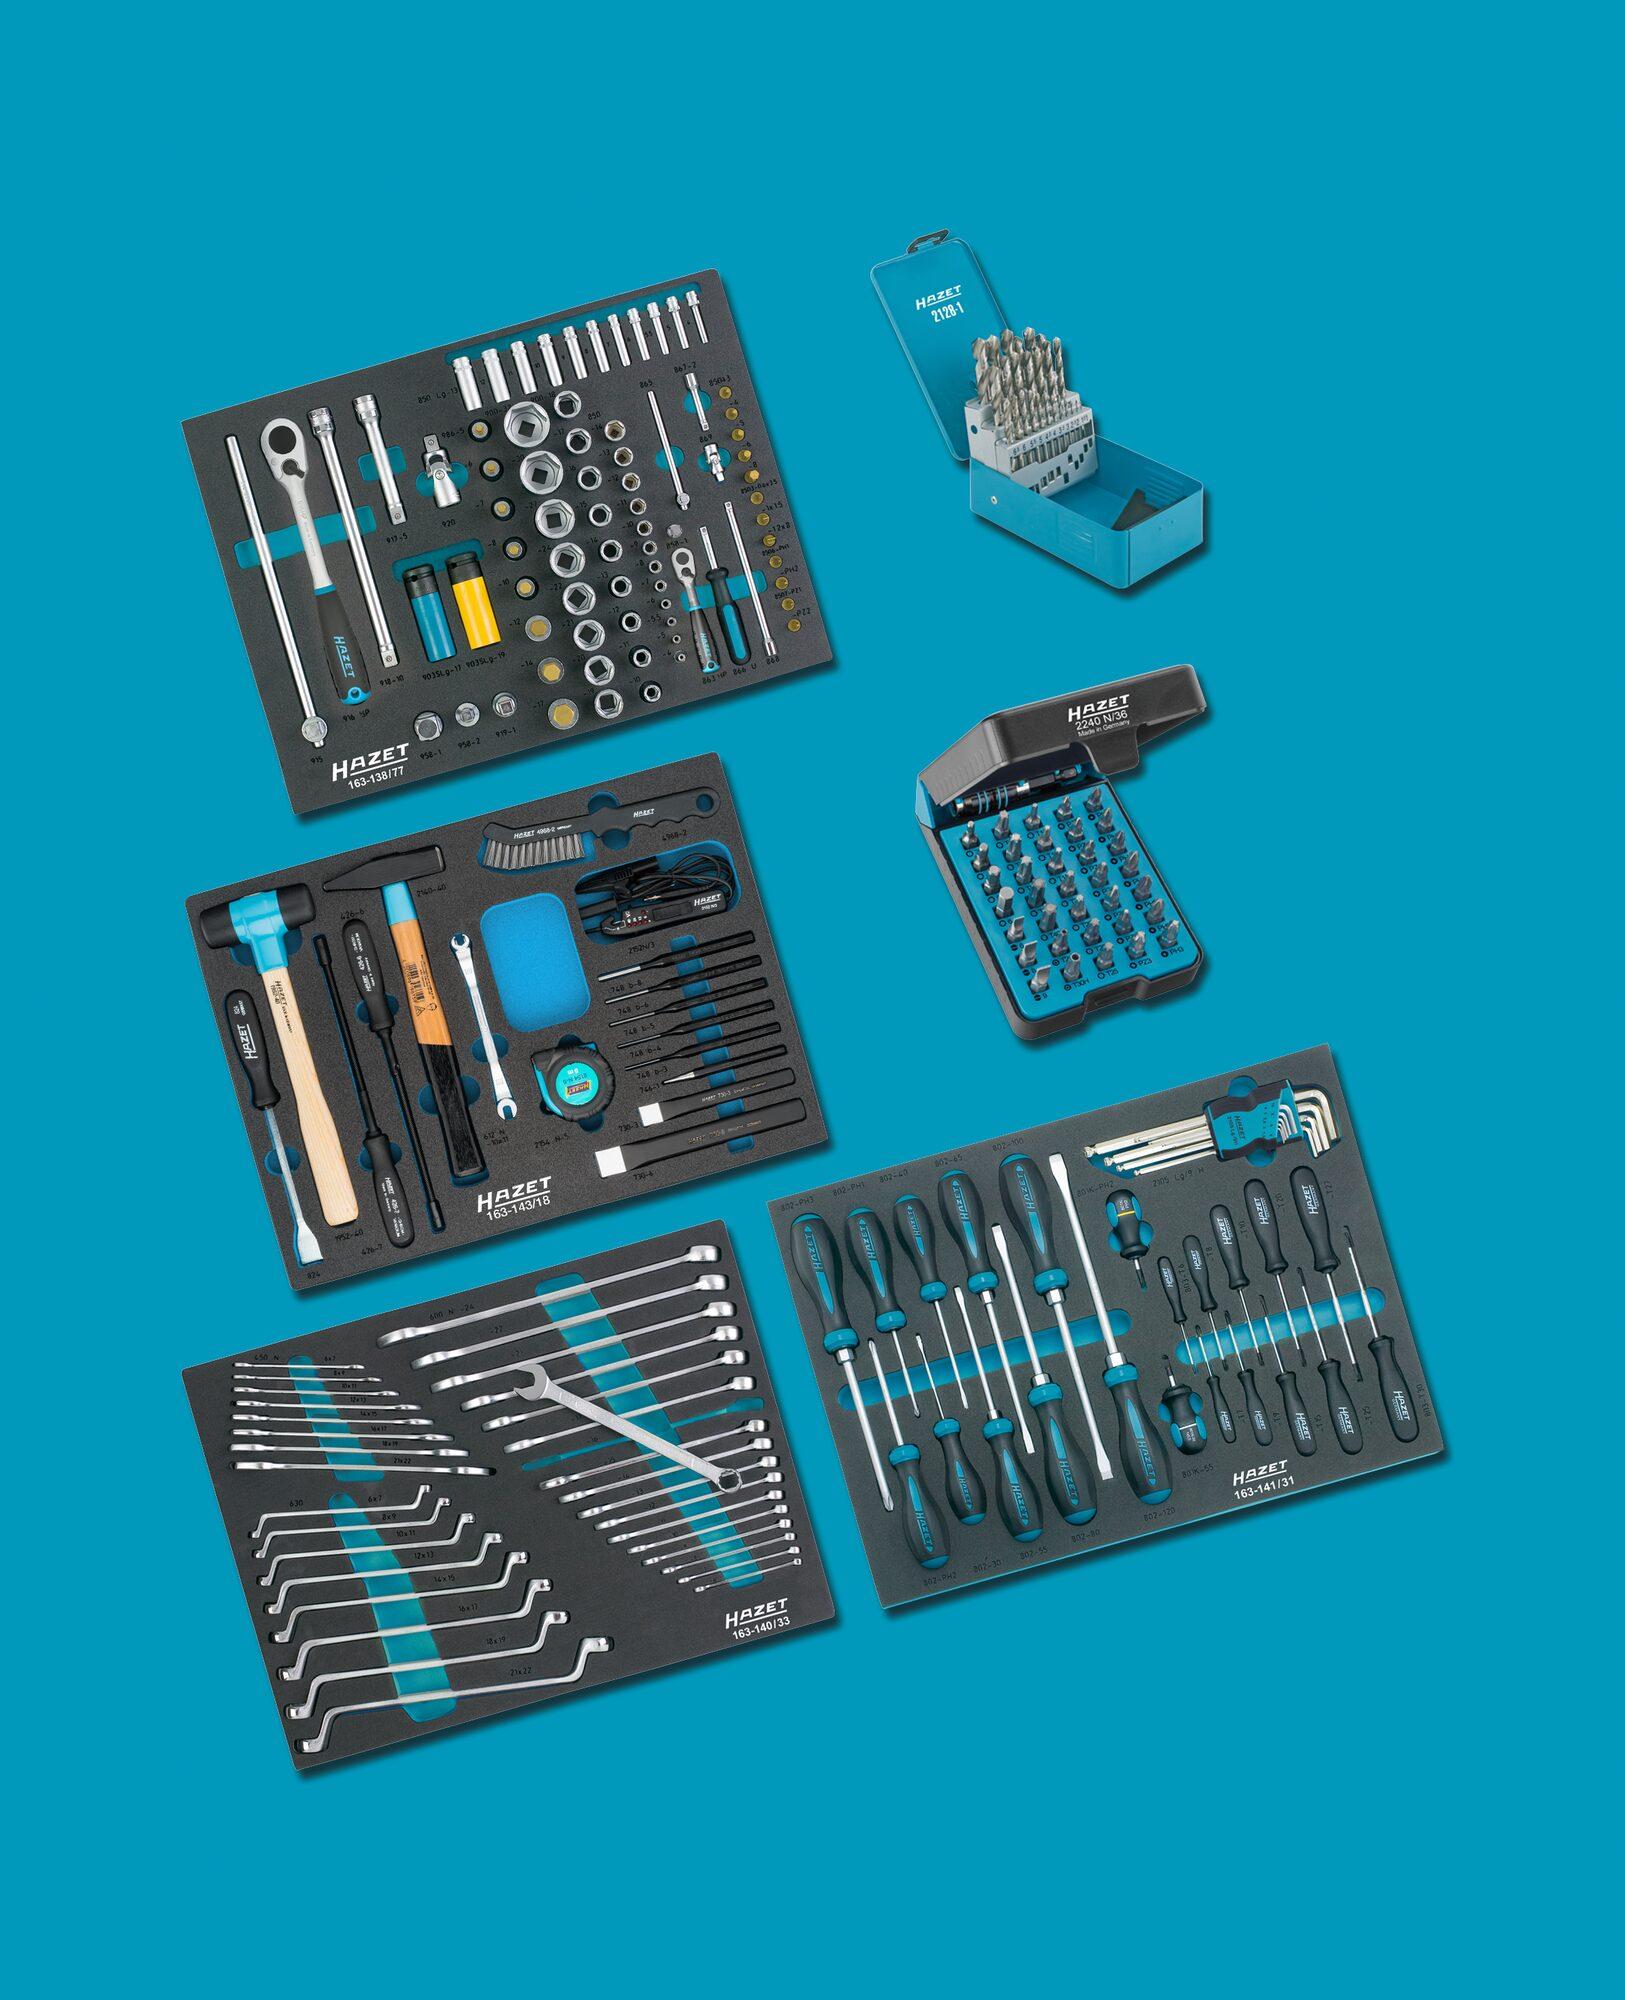 HAZET Werkzeug Sortiment 0-179/220 ∙ Anzahl Werkzeuge: 220